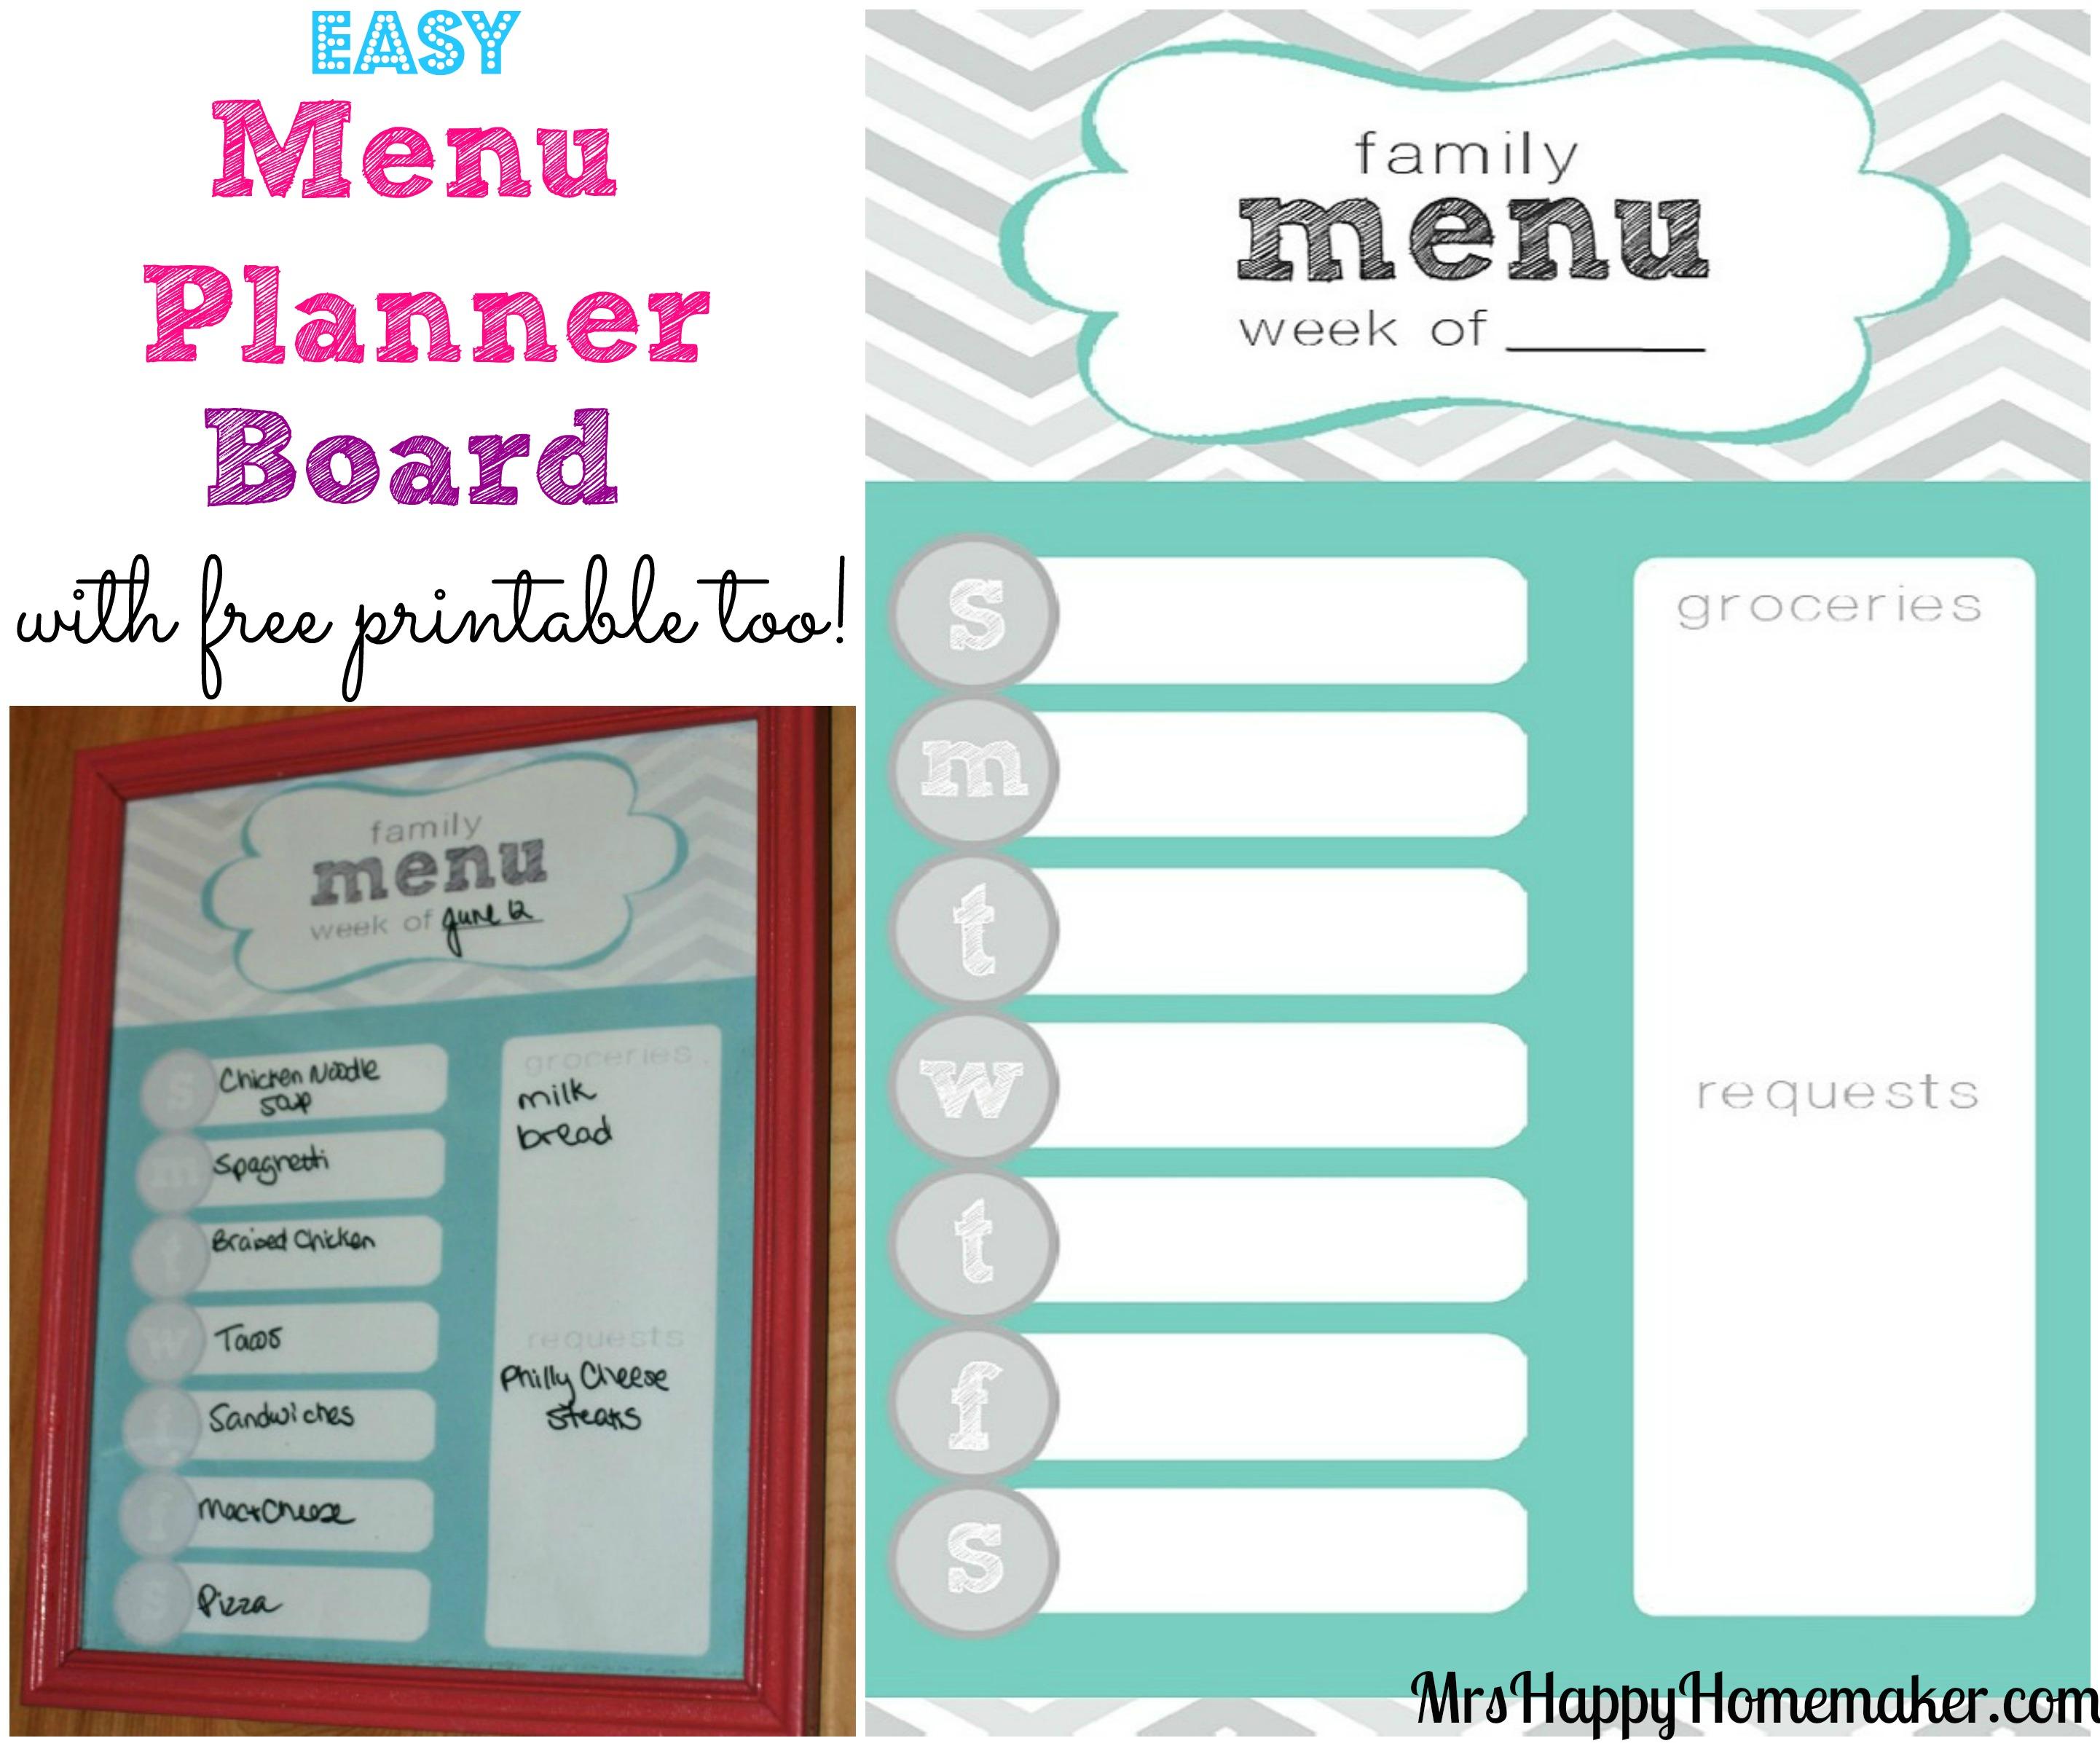 Easy Menu Planner Board